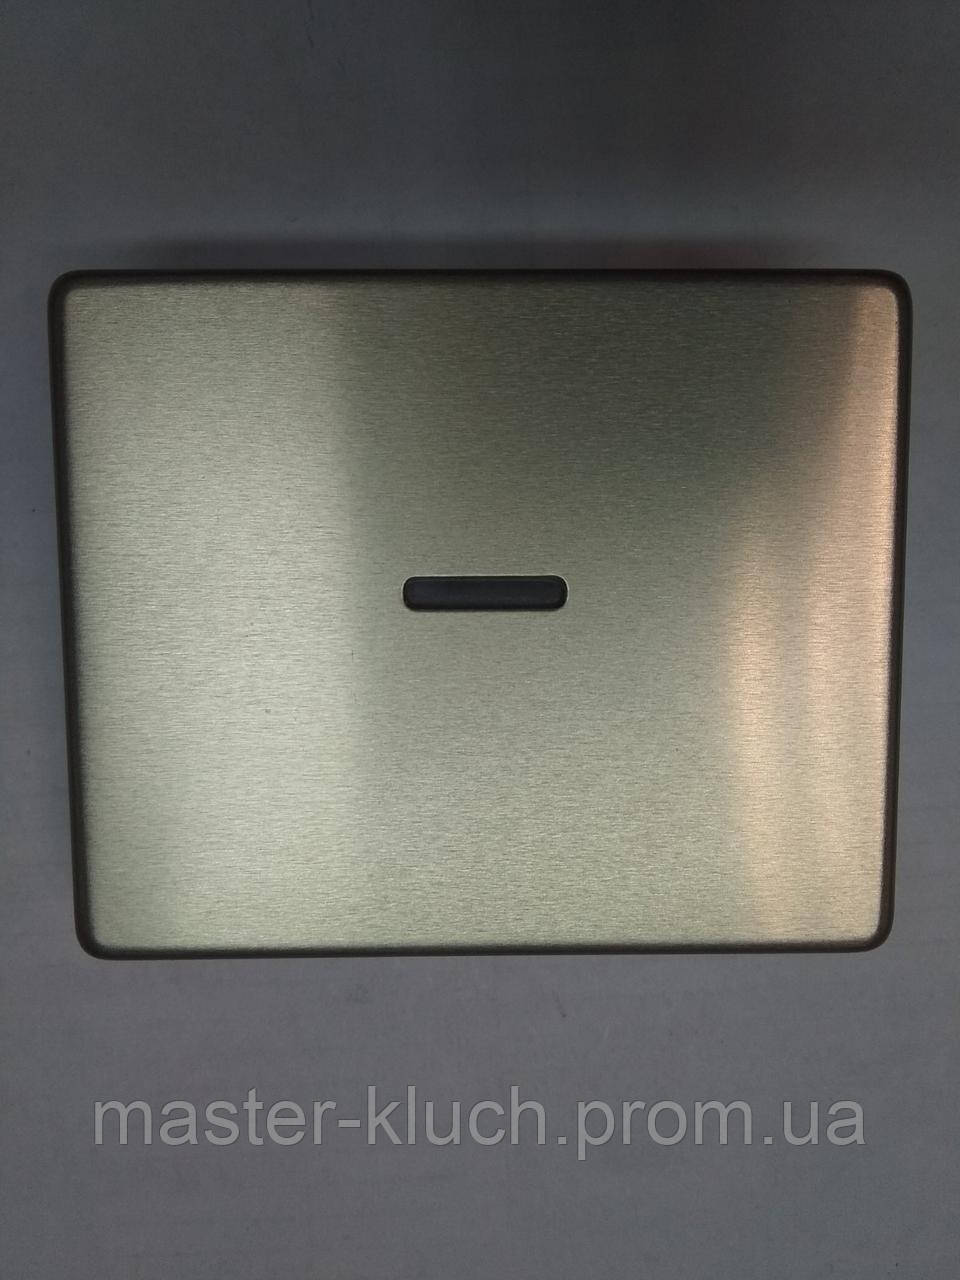 Выключатель одноклавишный с подсветкой Jung SL-500 накладка